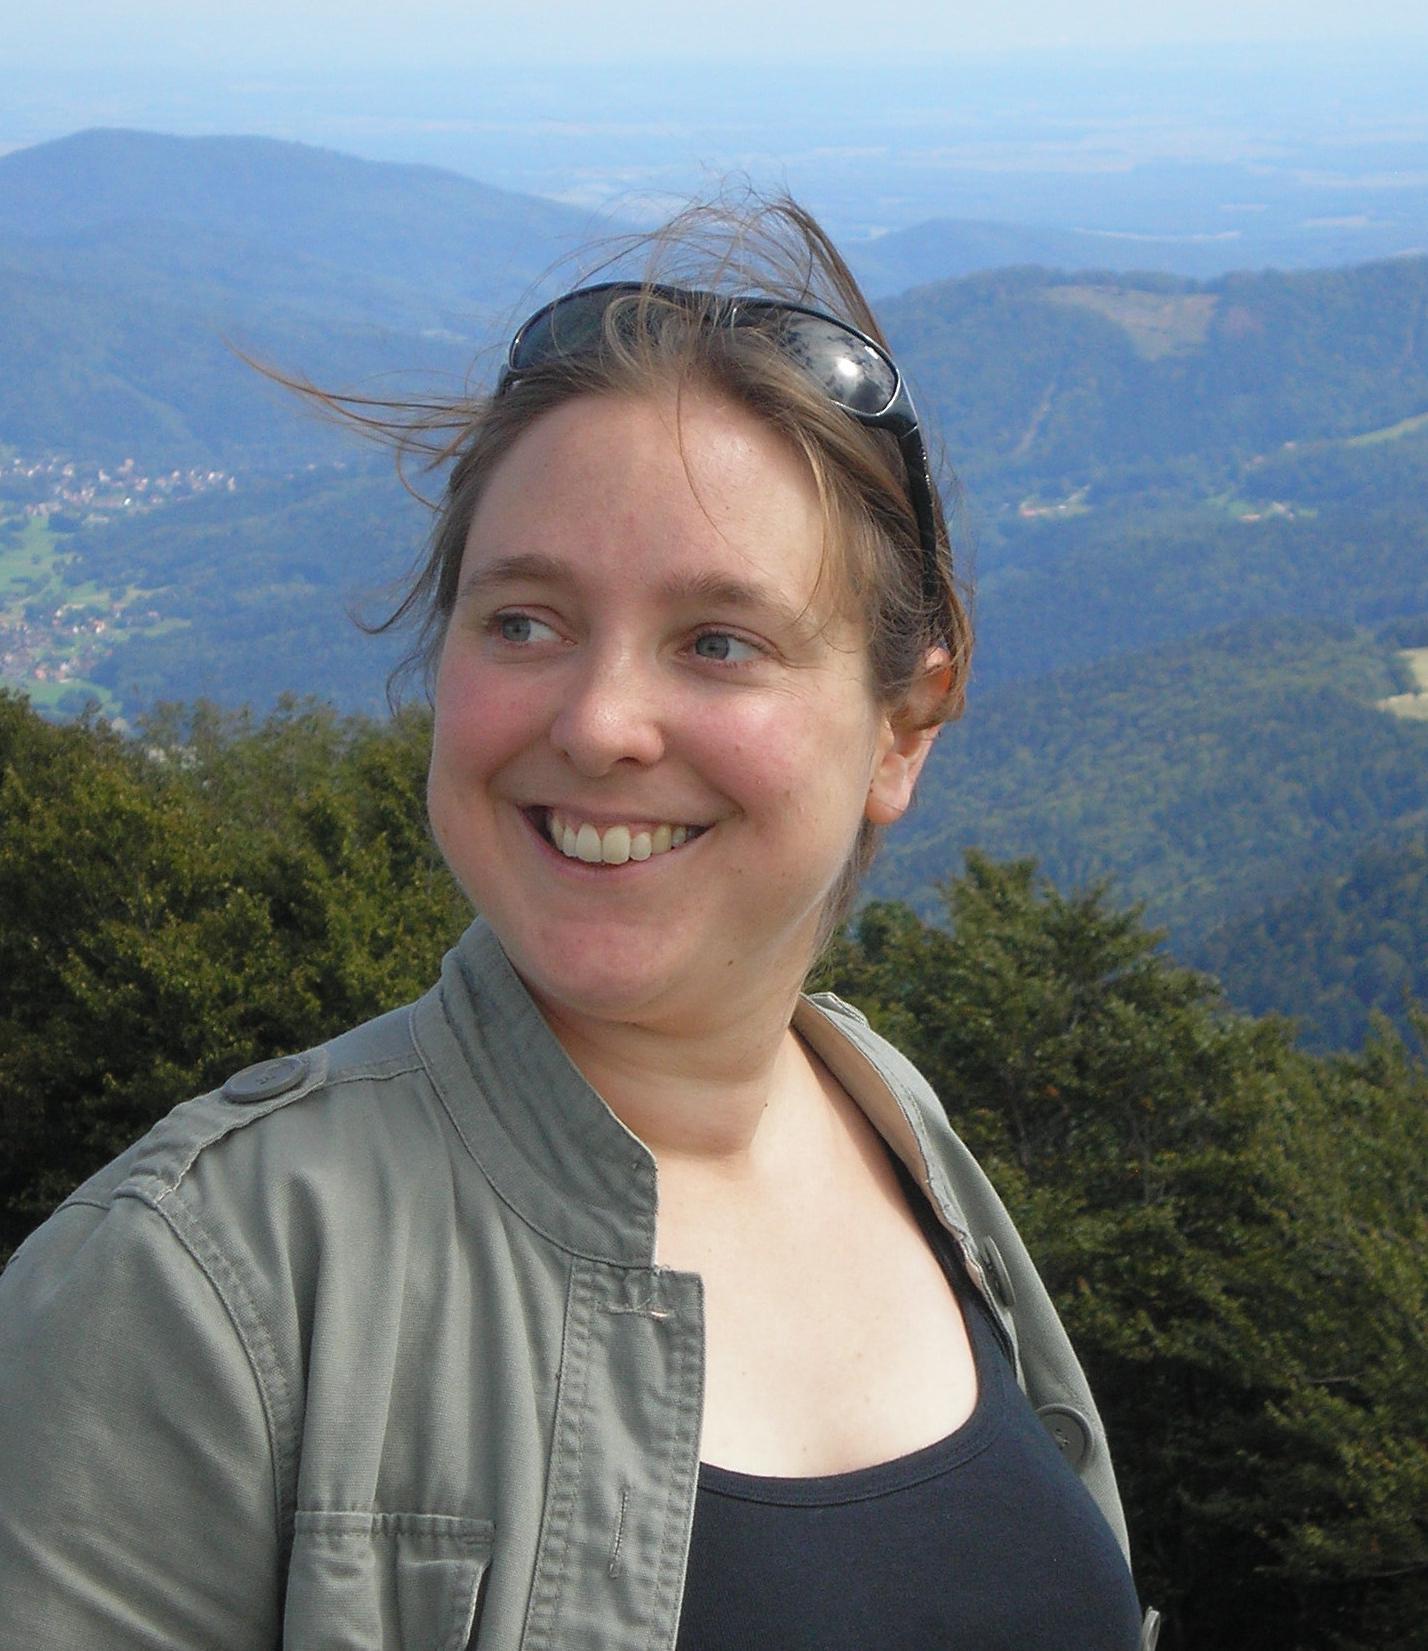 Claire Hudson